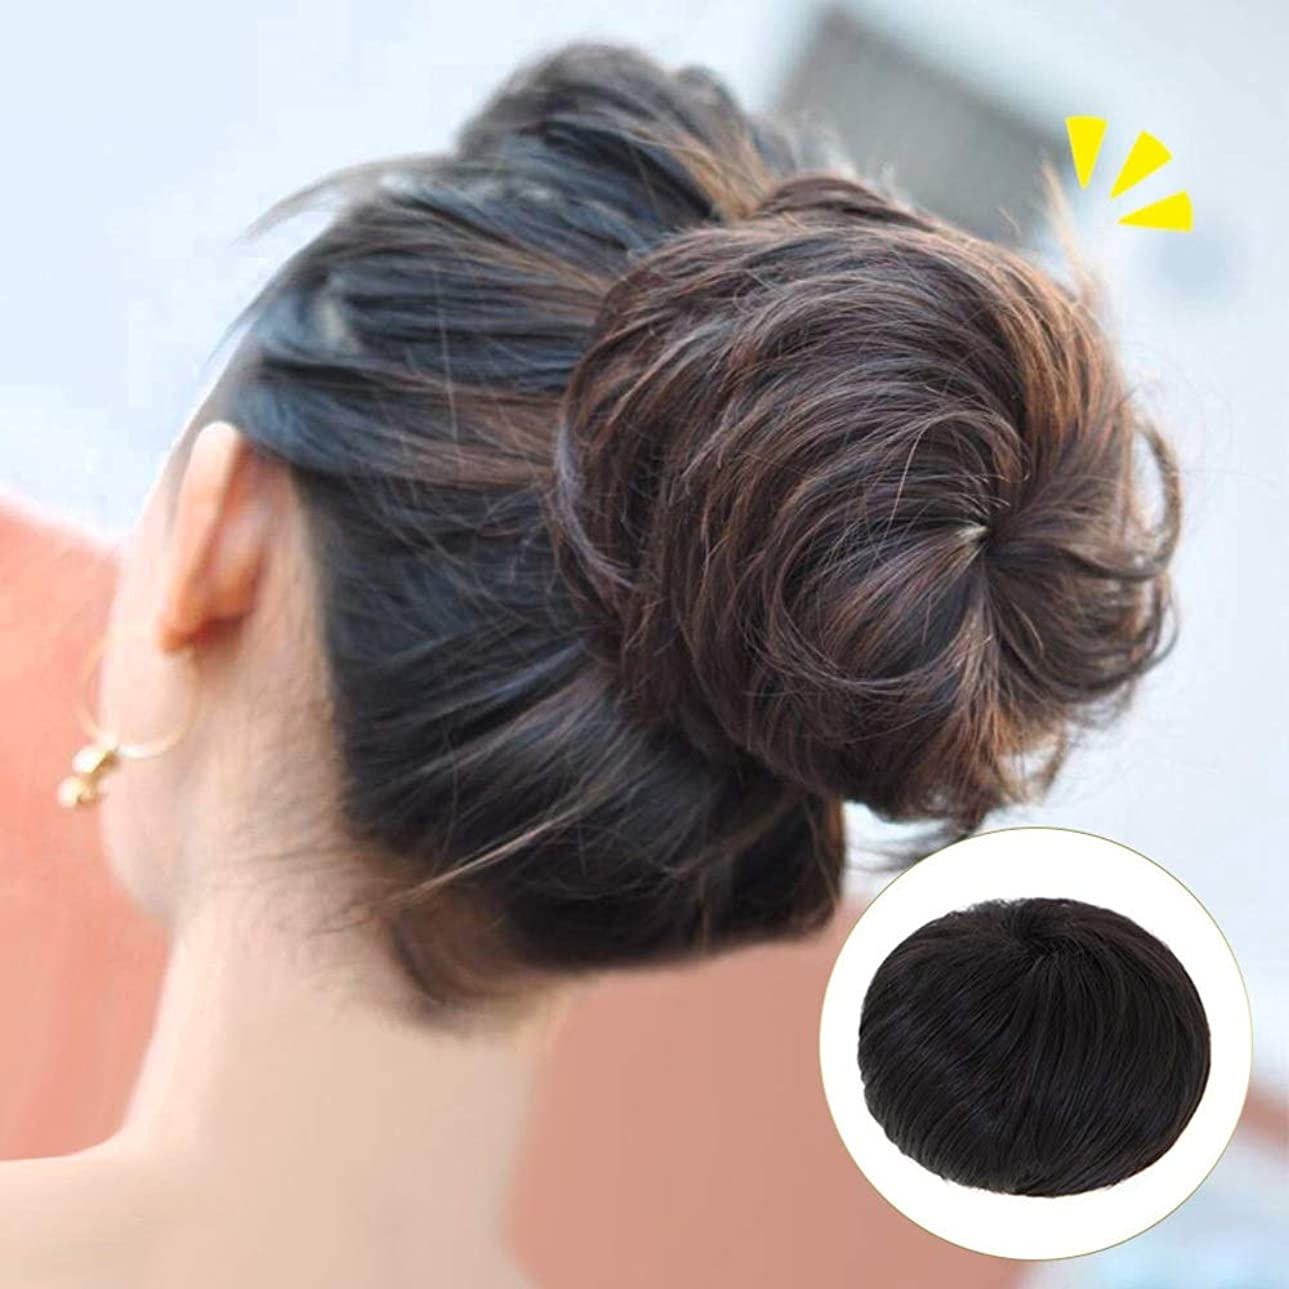 ビジターマダムスラム街Yrattary 短い巻き毛のポニーテールラップ巾着パフポニーテールヘアエクステンションウィッグクリップ - ナチュラルブラックパーティーウィッグ (Color : Natural color, サイズ : Straight hair)